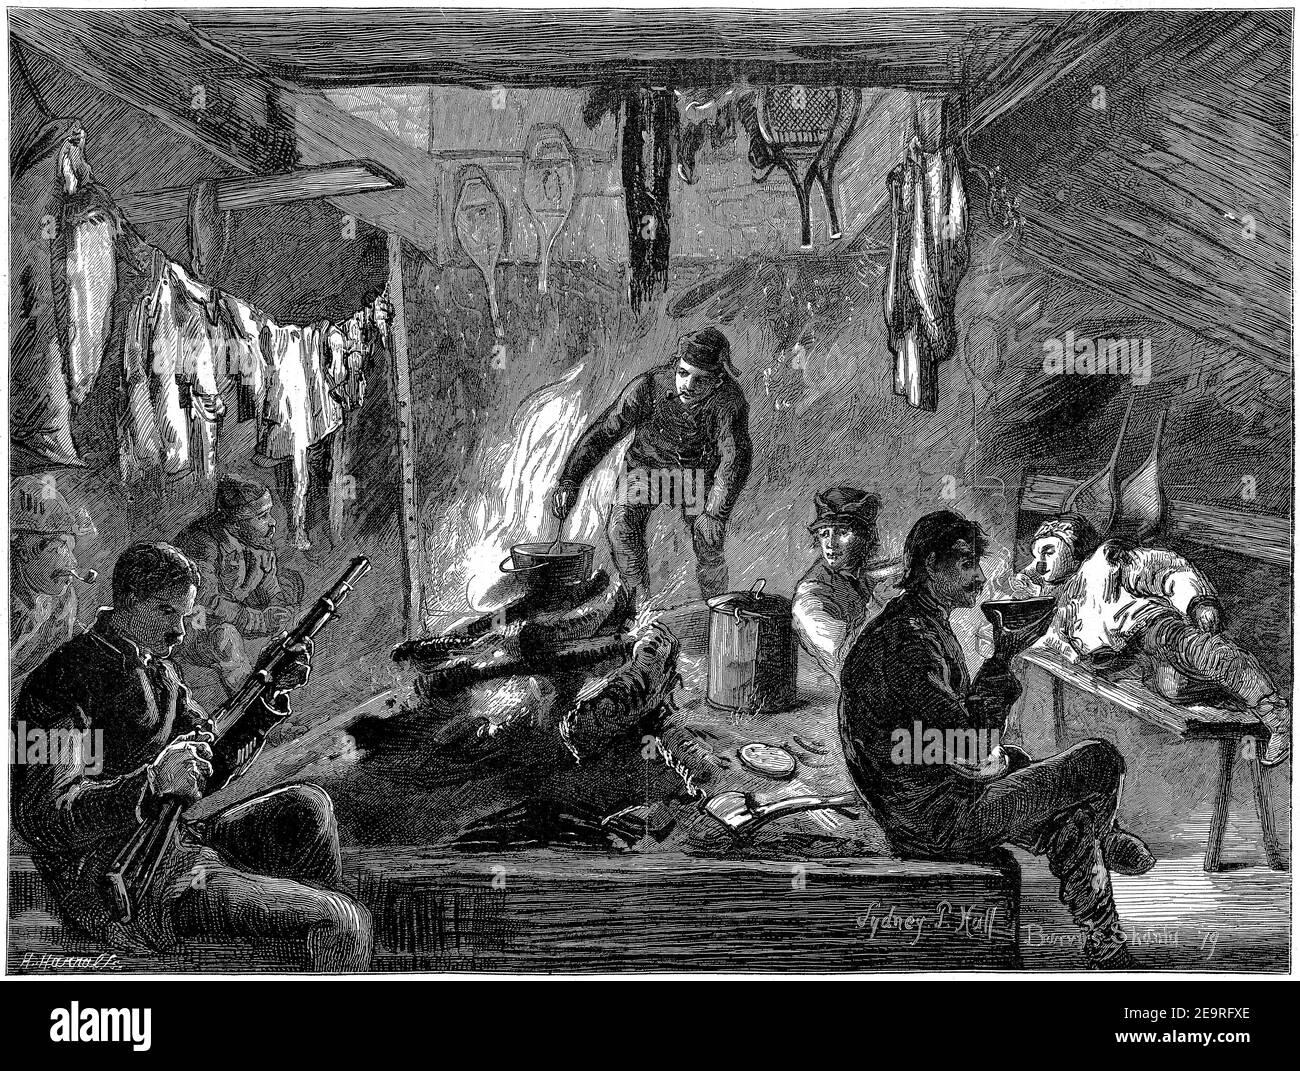 Gravure d'une équipe de chasseurs d'orignaux dans une mante se préparer pour l'aventure du lendemain dans les fanes de Canada Banque D'Images